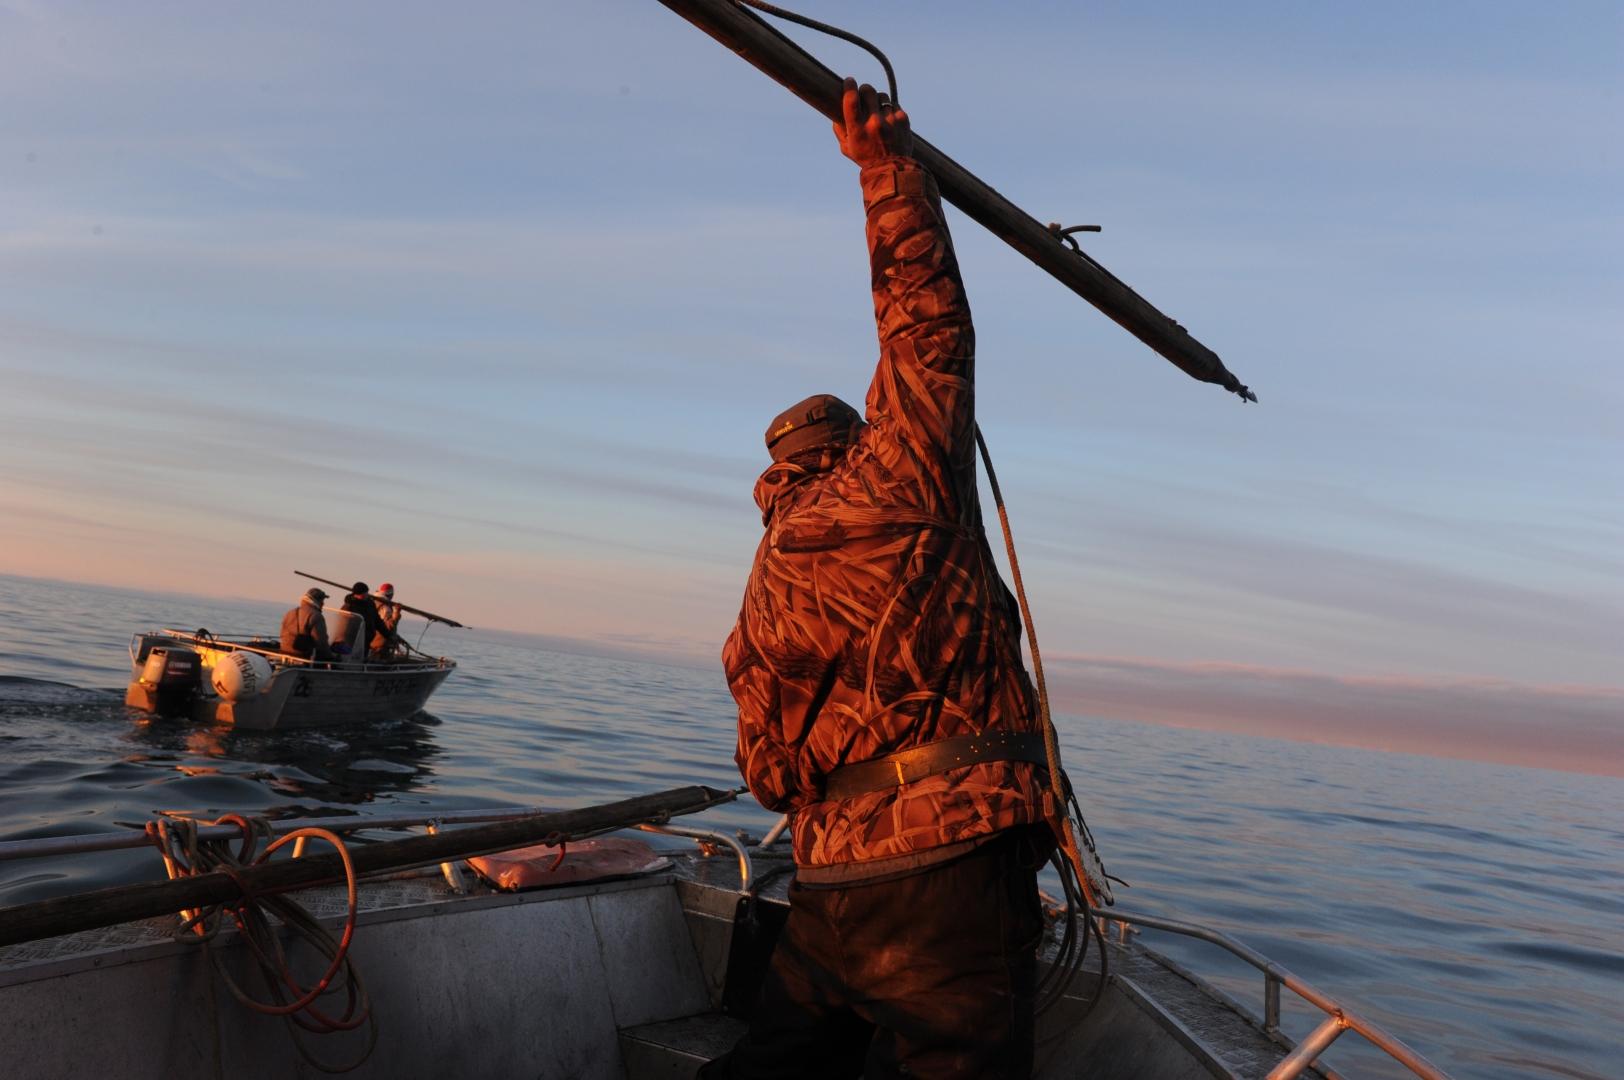 Охотники выходят на серых китов тремя лодками. Ни одно животное не сдается без боя, и в случае нападения, переворота лодки с людьми другая лодка постарается спасти попавших в неприятную ситуацию охотников